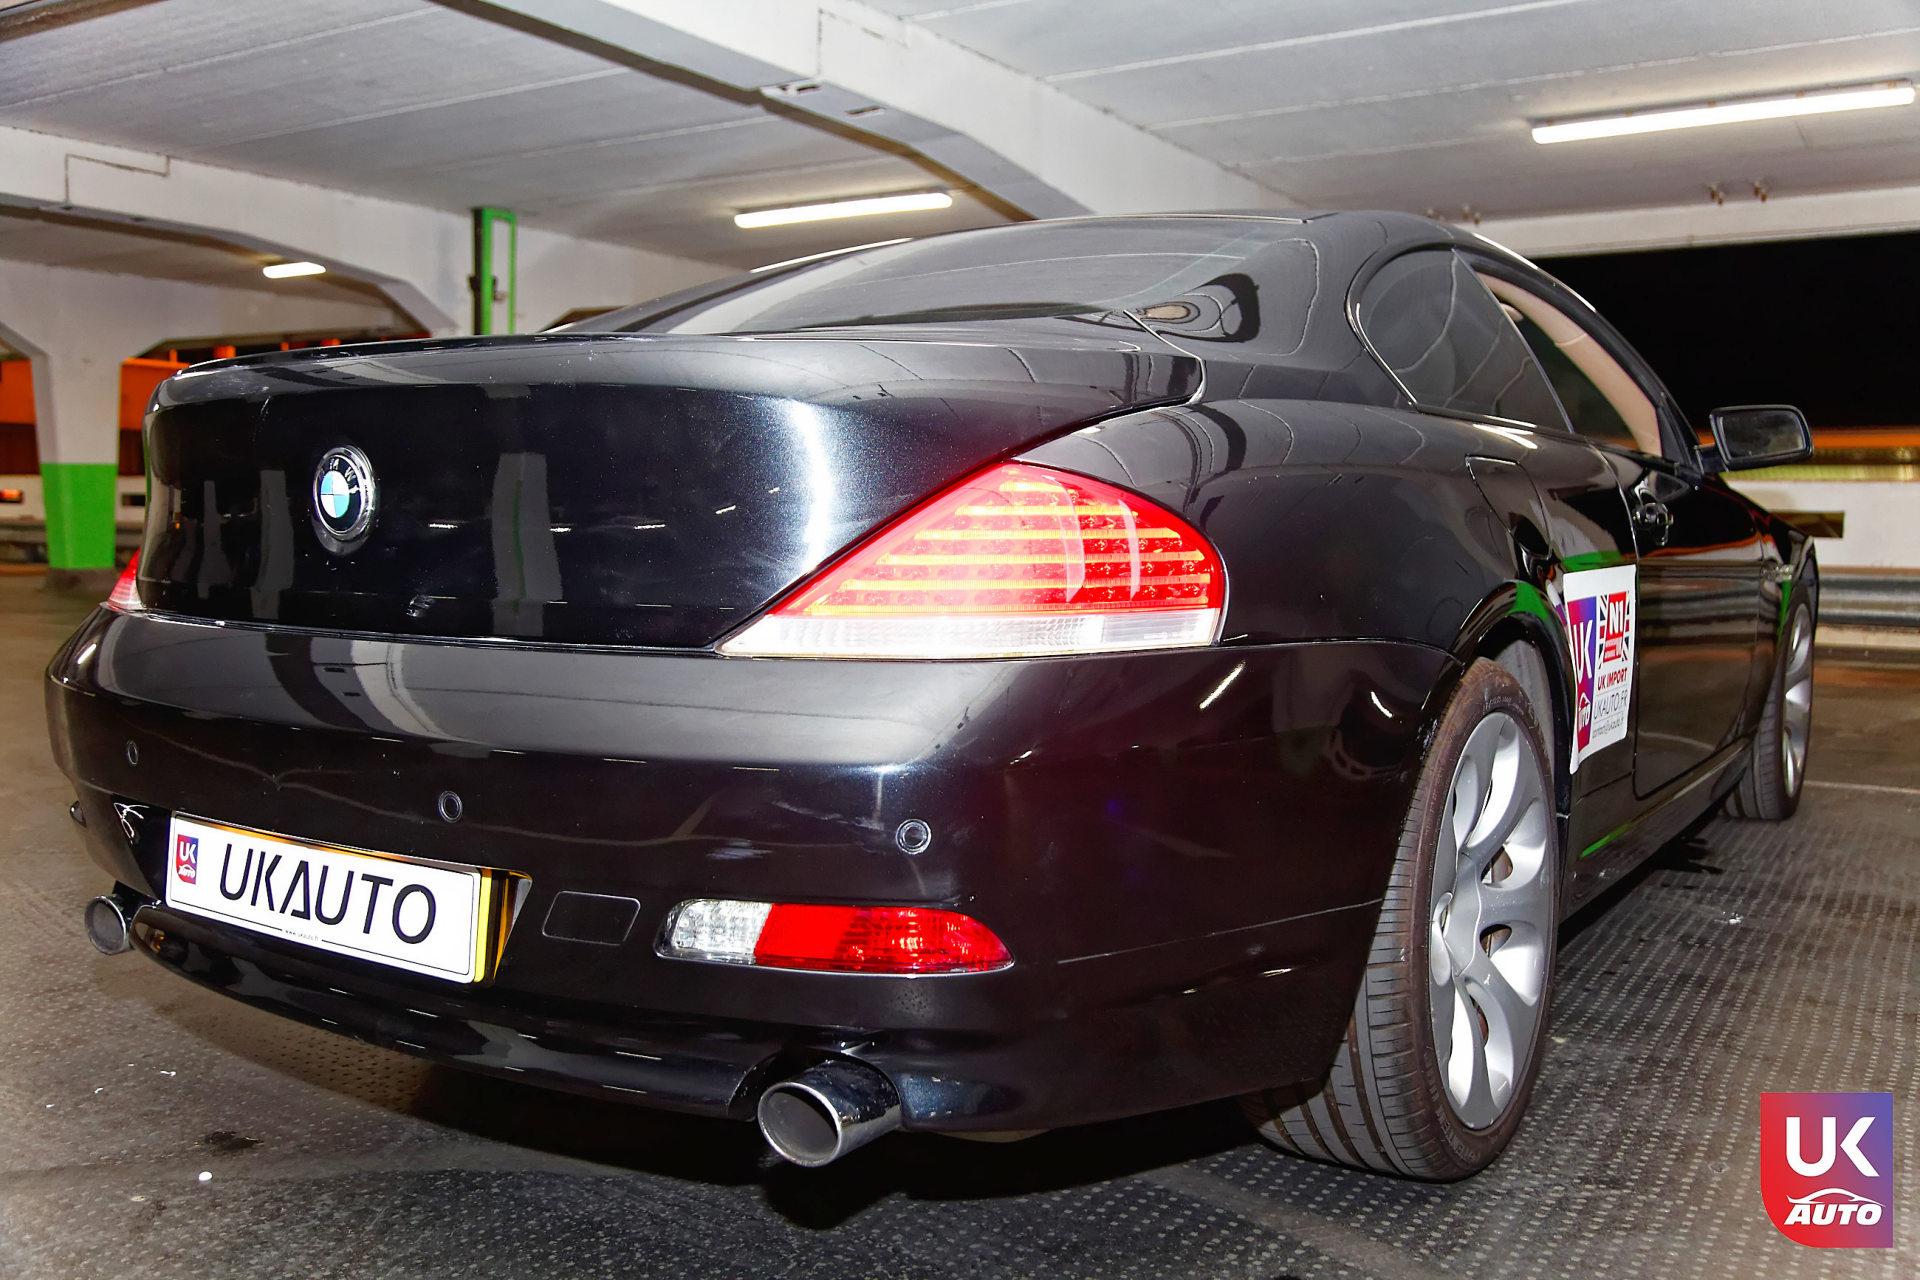 Bmw 645ci v8 import rhd bmw uk import rhd angleterre voiture anglaise bmw 645ci v86 DxO - BMW UK IMPORT BMW 645CI V8 ACHAT A LONDRES BMW IMPORT RHD FELICITATION A DAVID